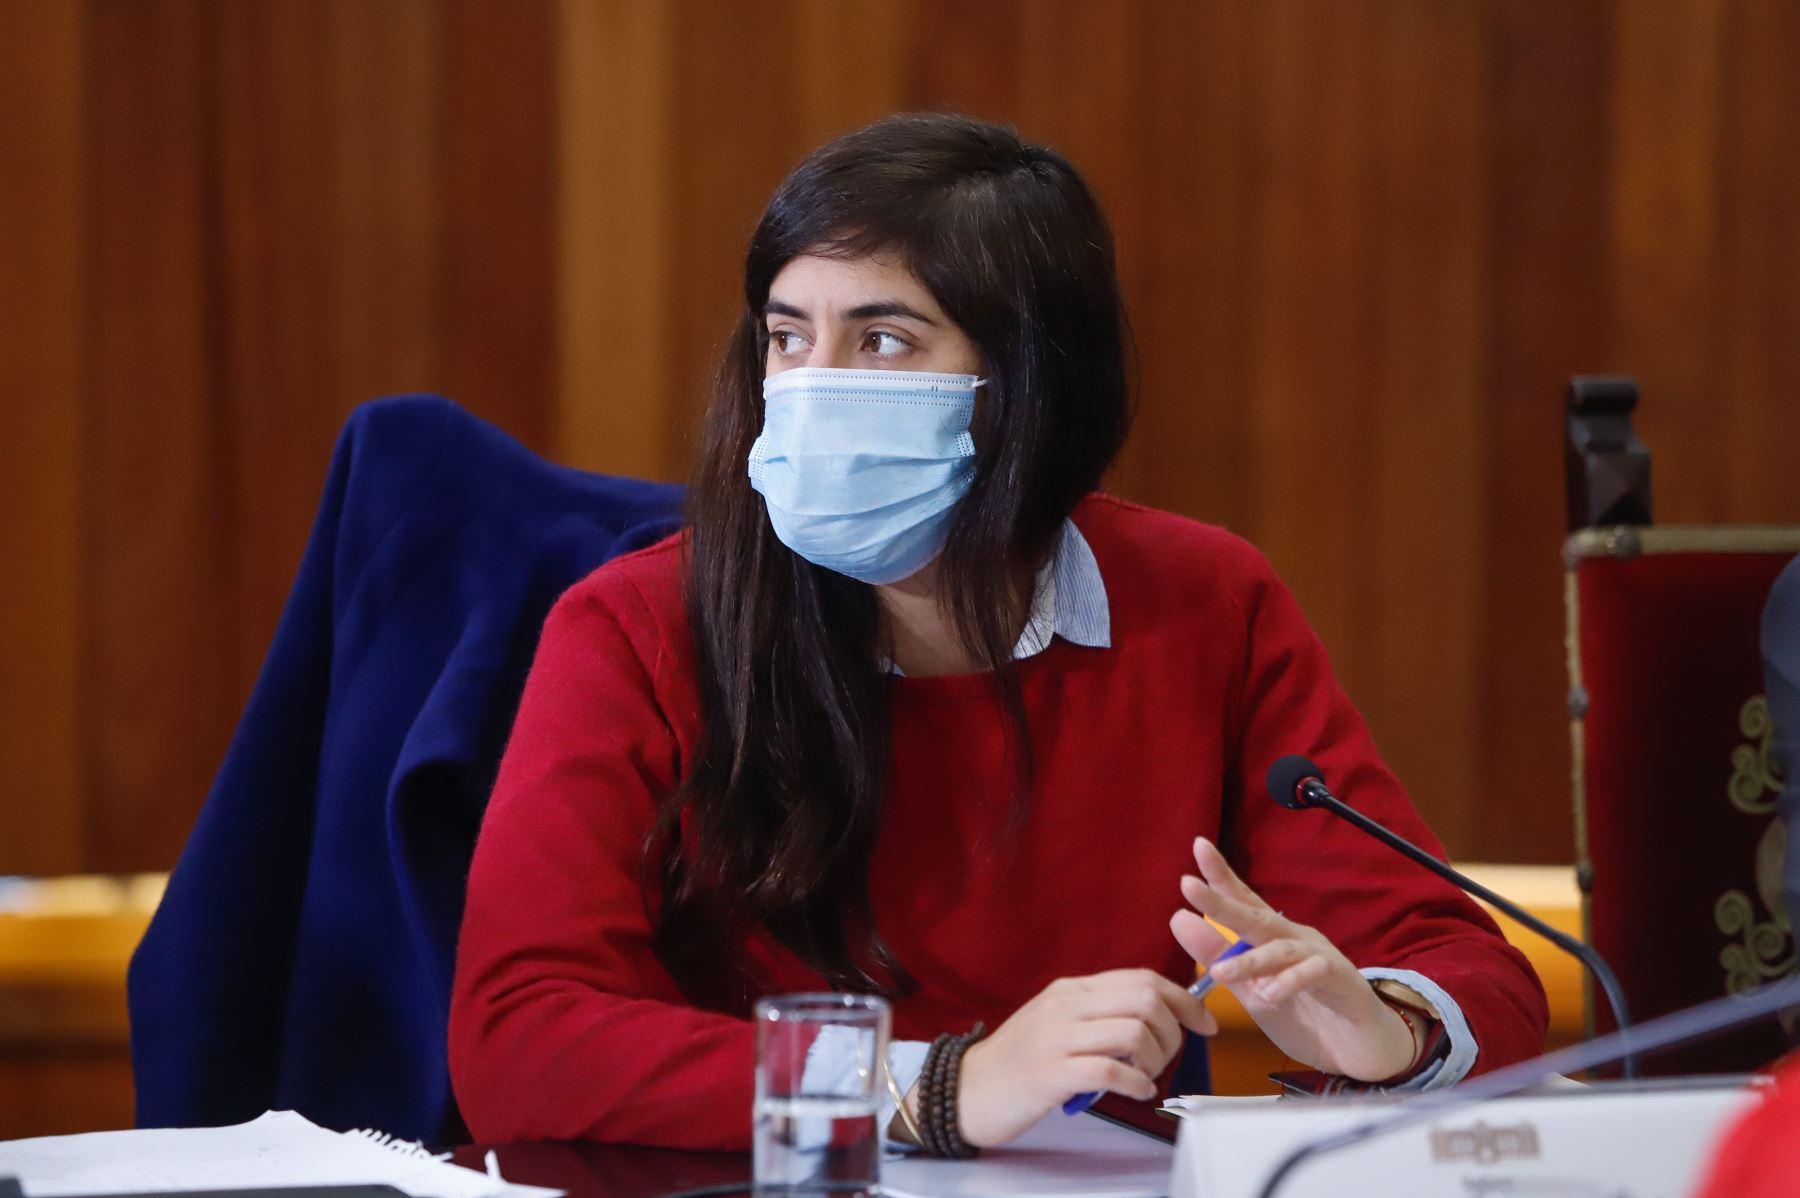 Ministra de Economía, Maria Antonieta Alva, participa en reunión donde se expondrán las propuestas del Pacto Perú. Foto: ANDINA/Prensa Presidencia